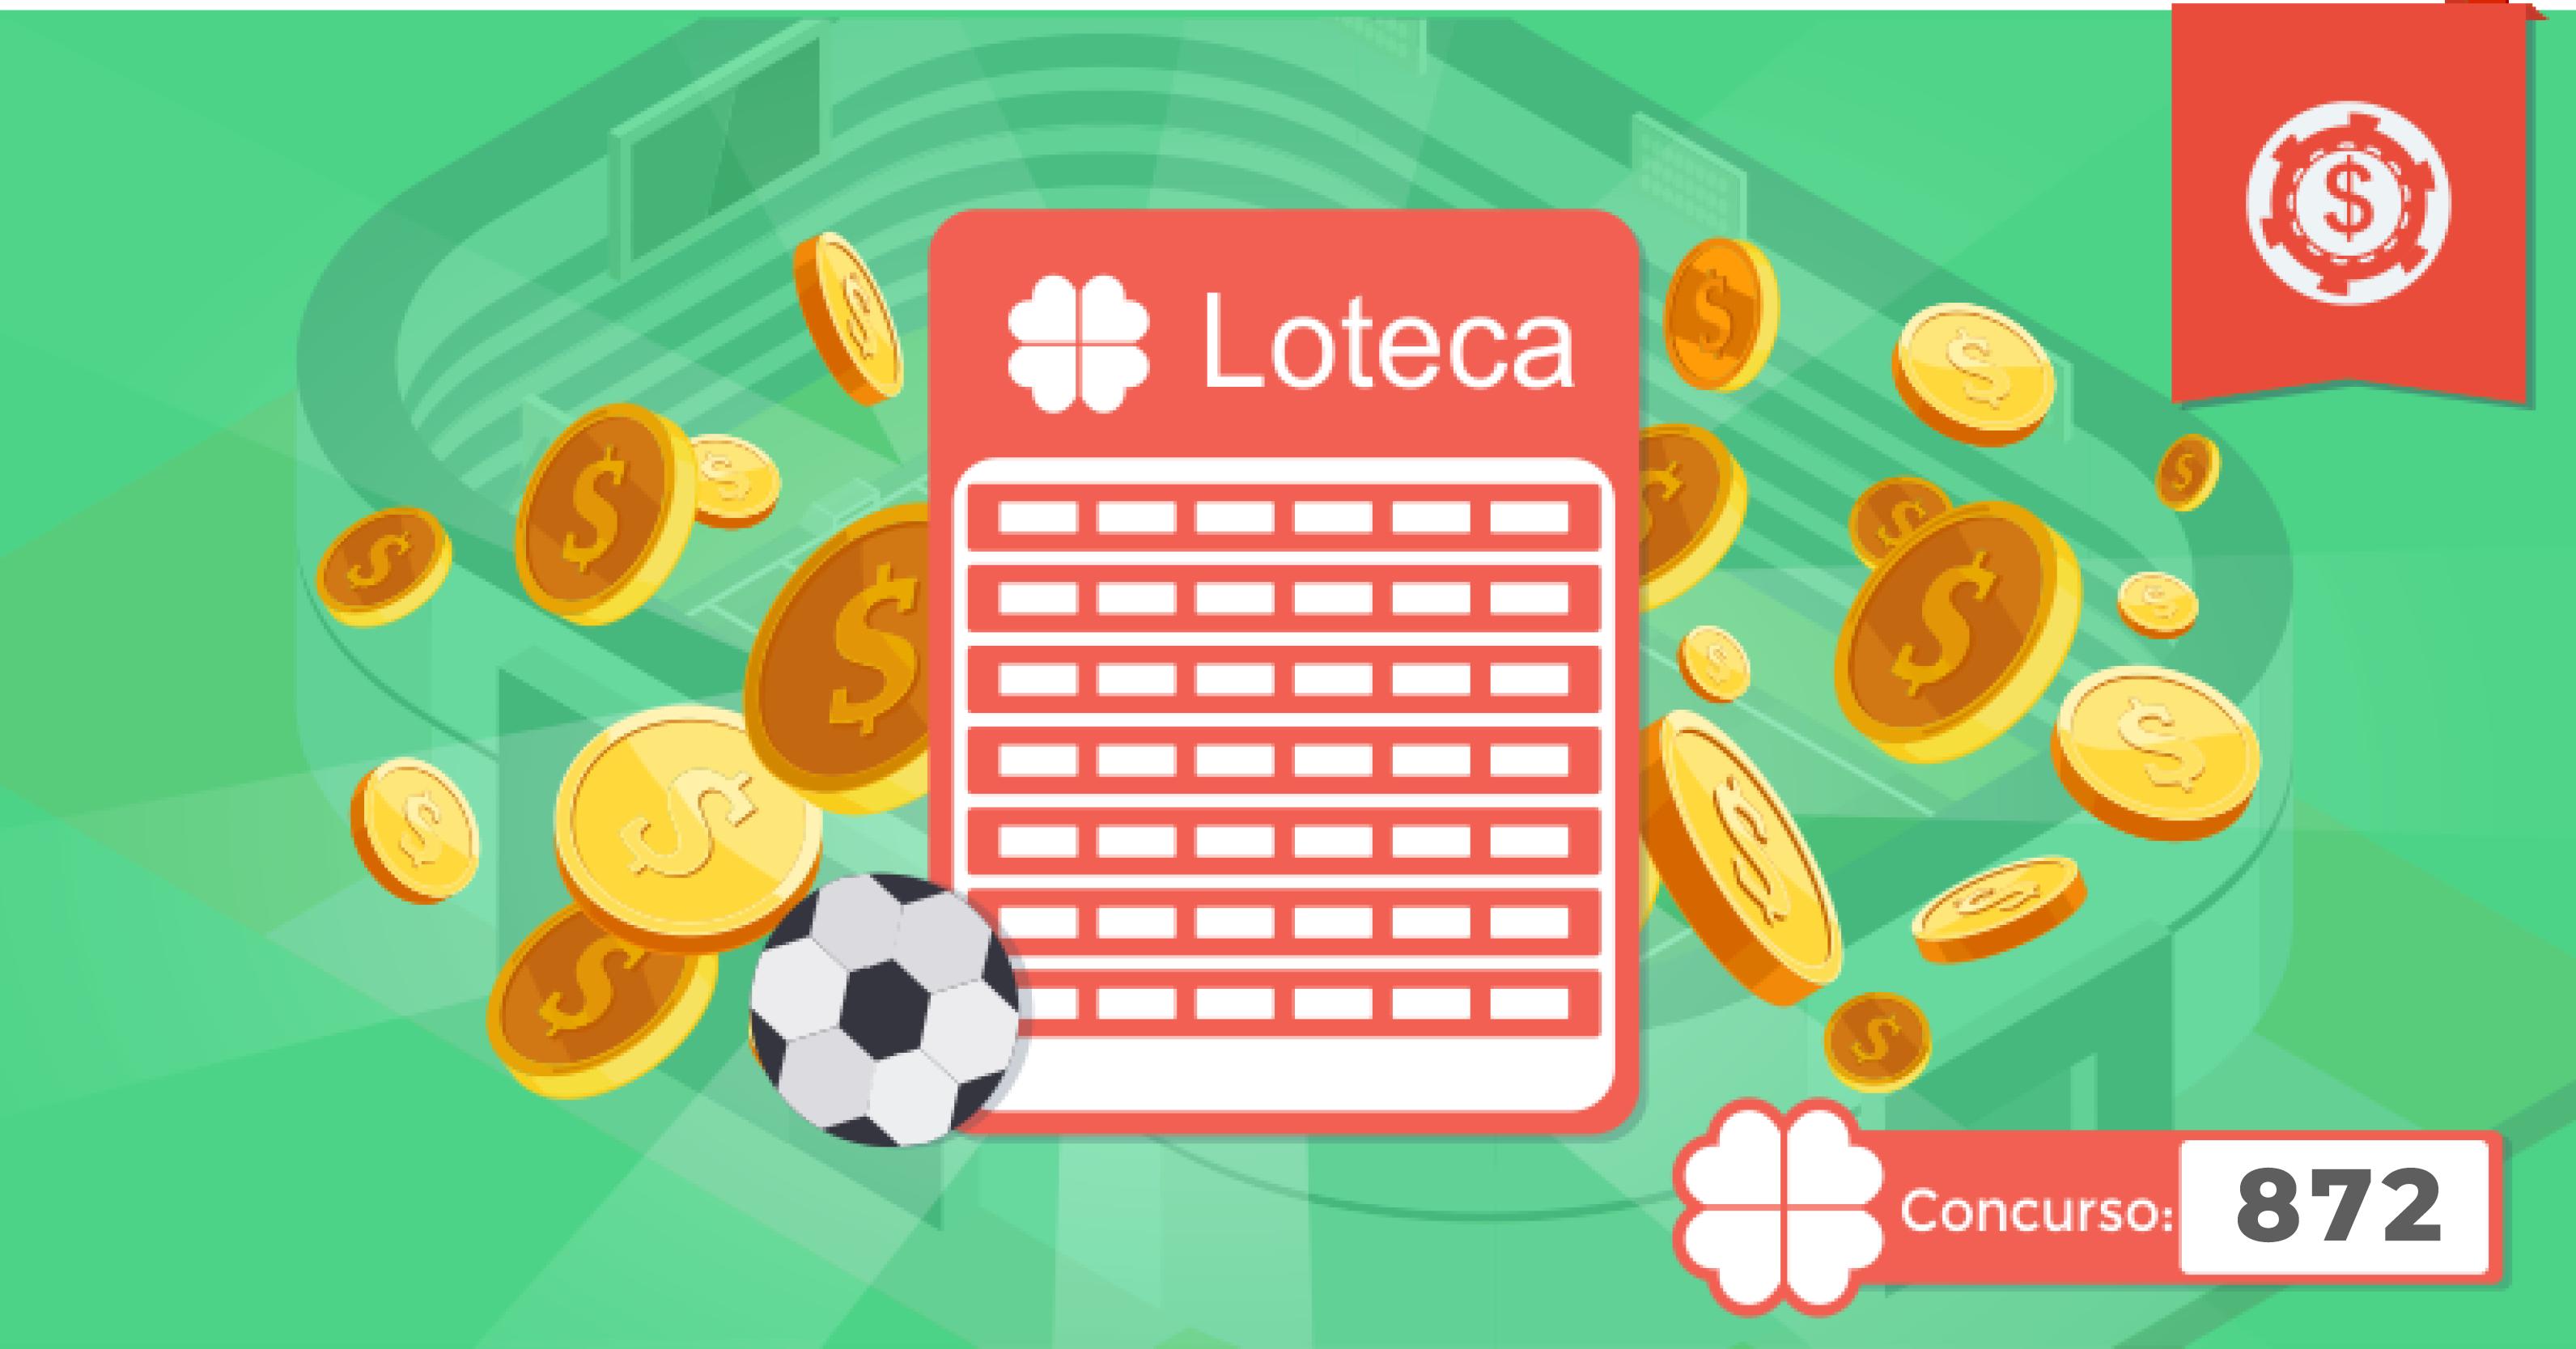 palpites-loteca-872-palpites-loteca-semana